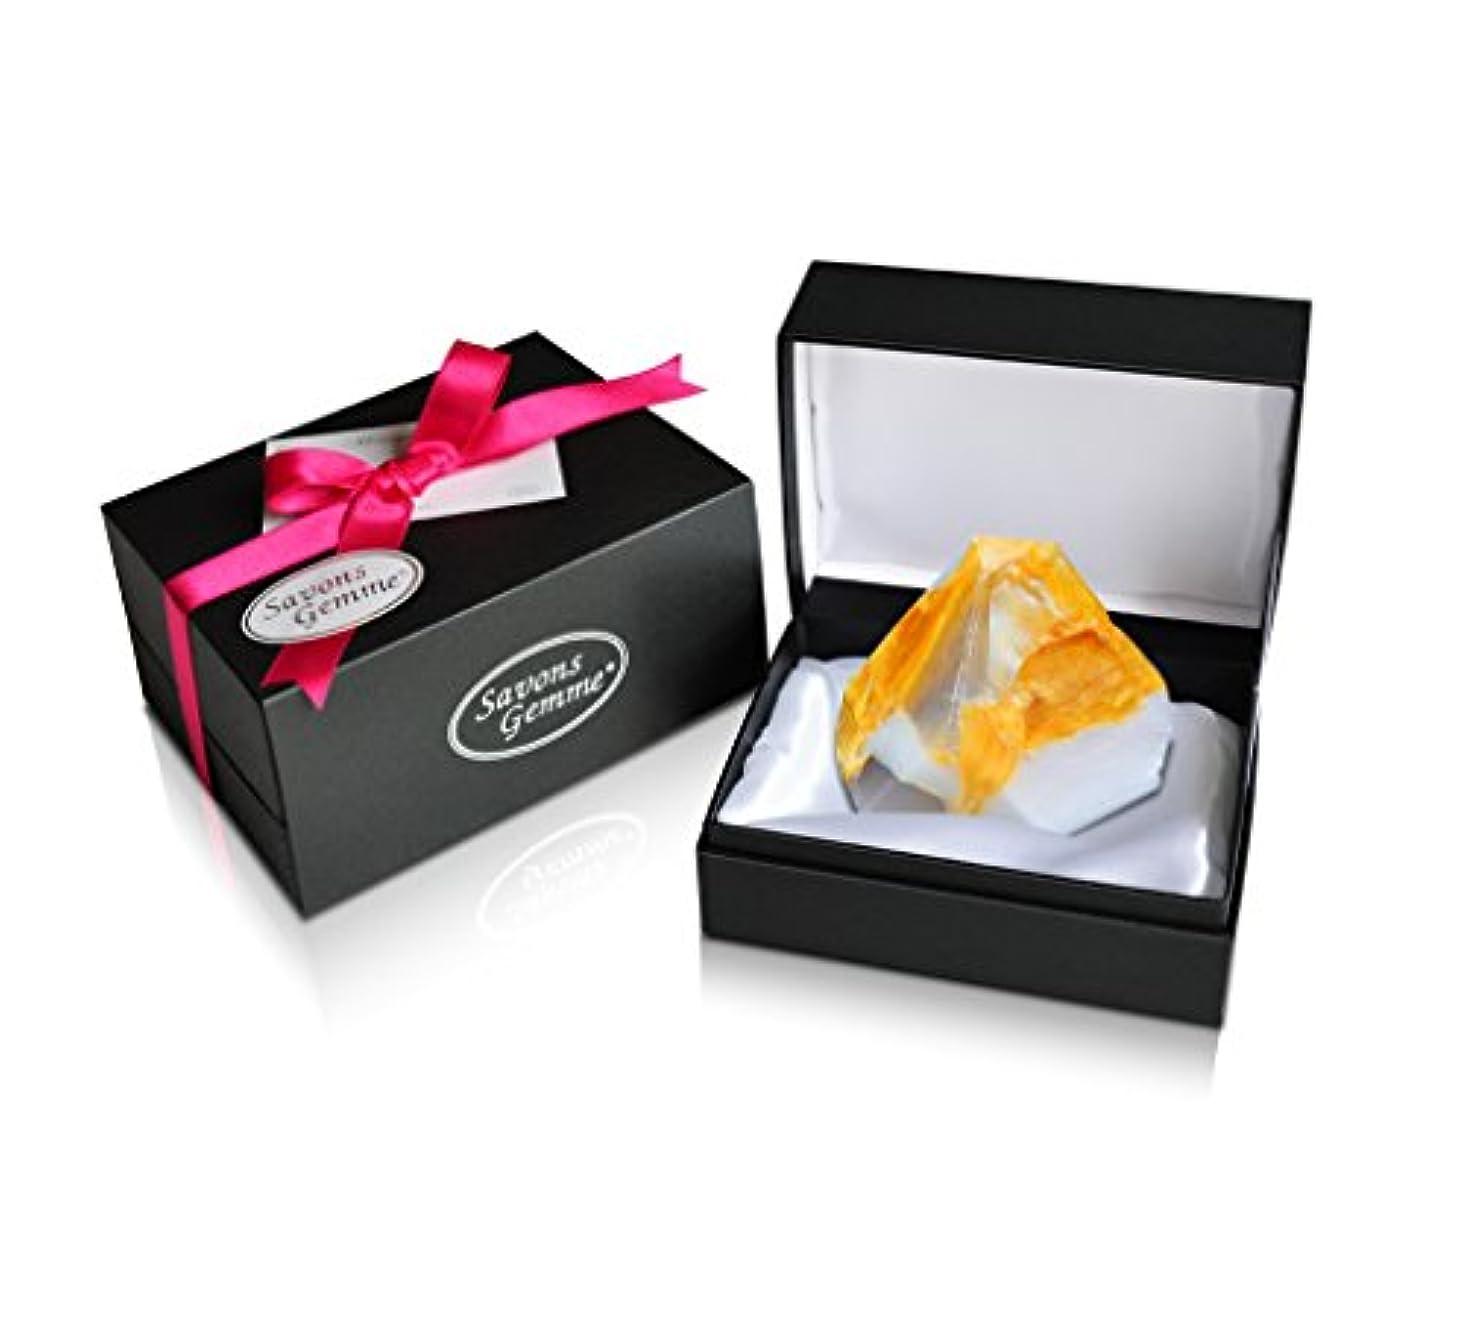 アンタゴニスト化粧愛人Savons Gemme サボンジェム ジュエリーギフトボックス 世界で一番美しい宝石石鹸 フレグランス ソープ 宝石箱のようなラグジュアリー感を演出 アルバトールオリエンタル 170g 【日本総代理店品】